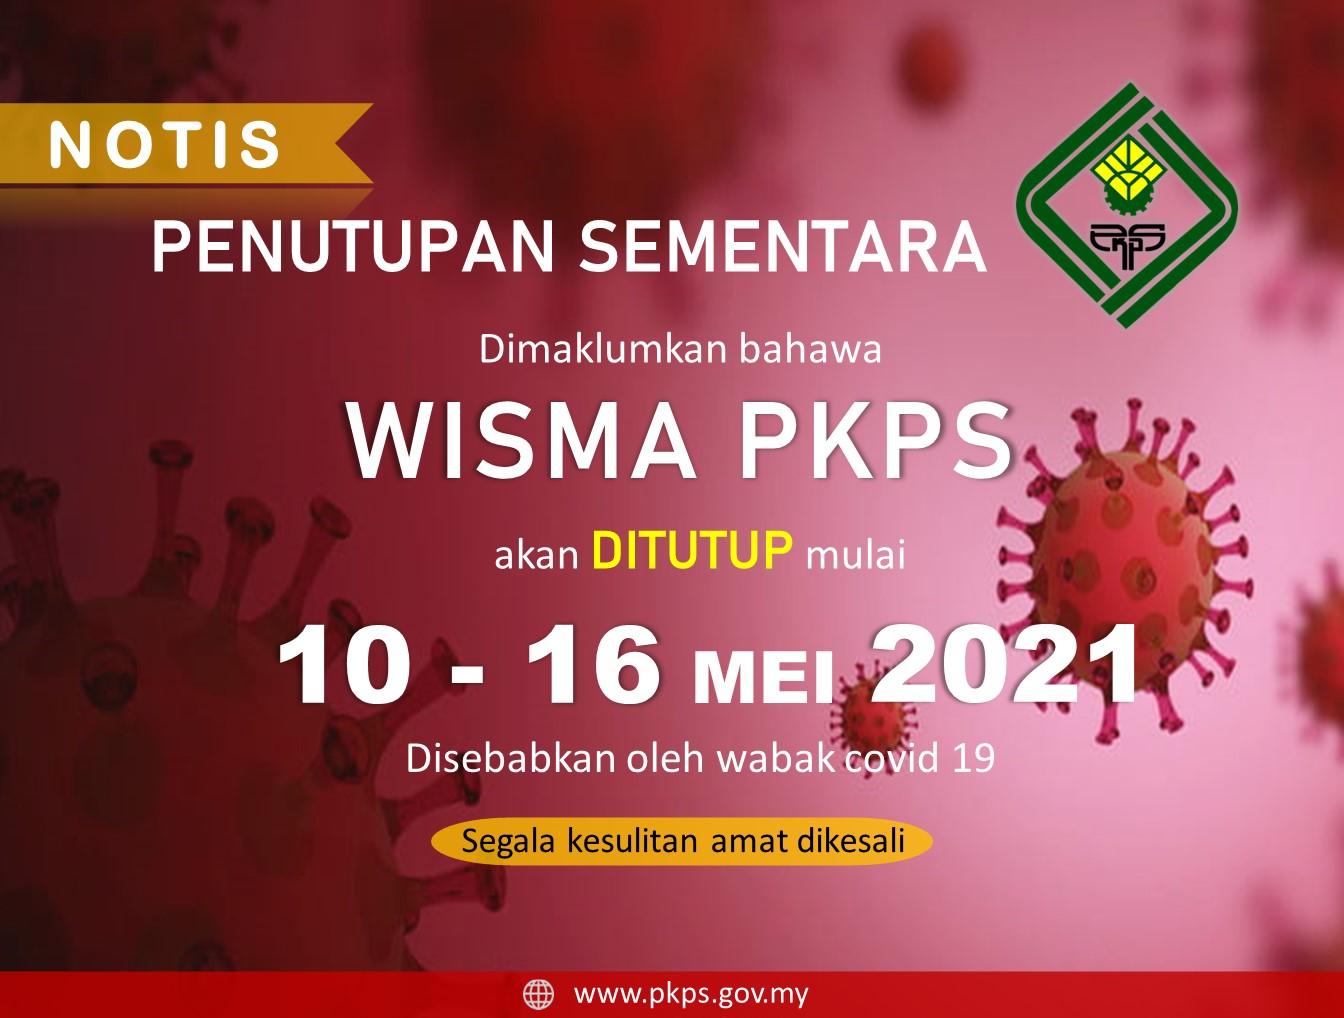 Notis penutupan sementara PKPS